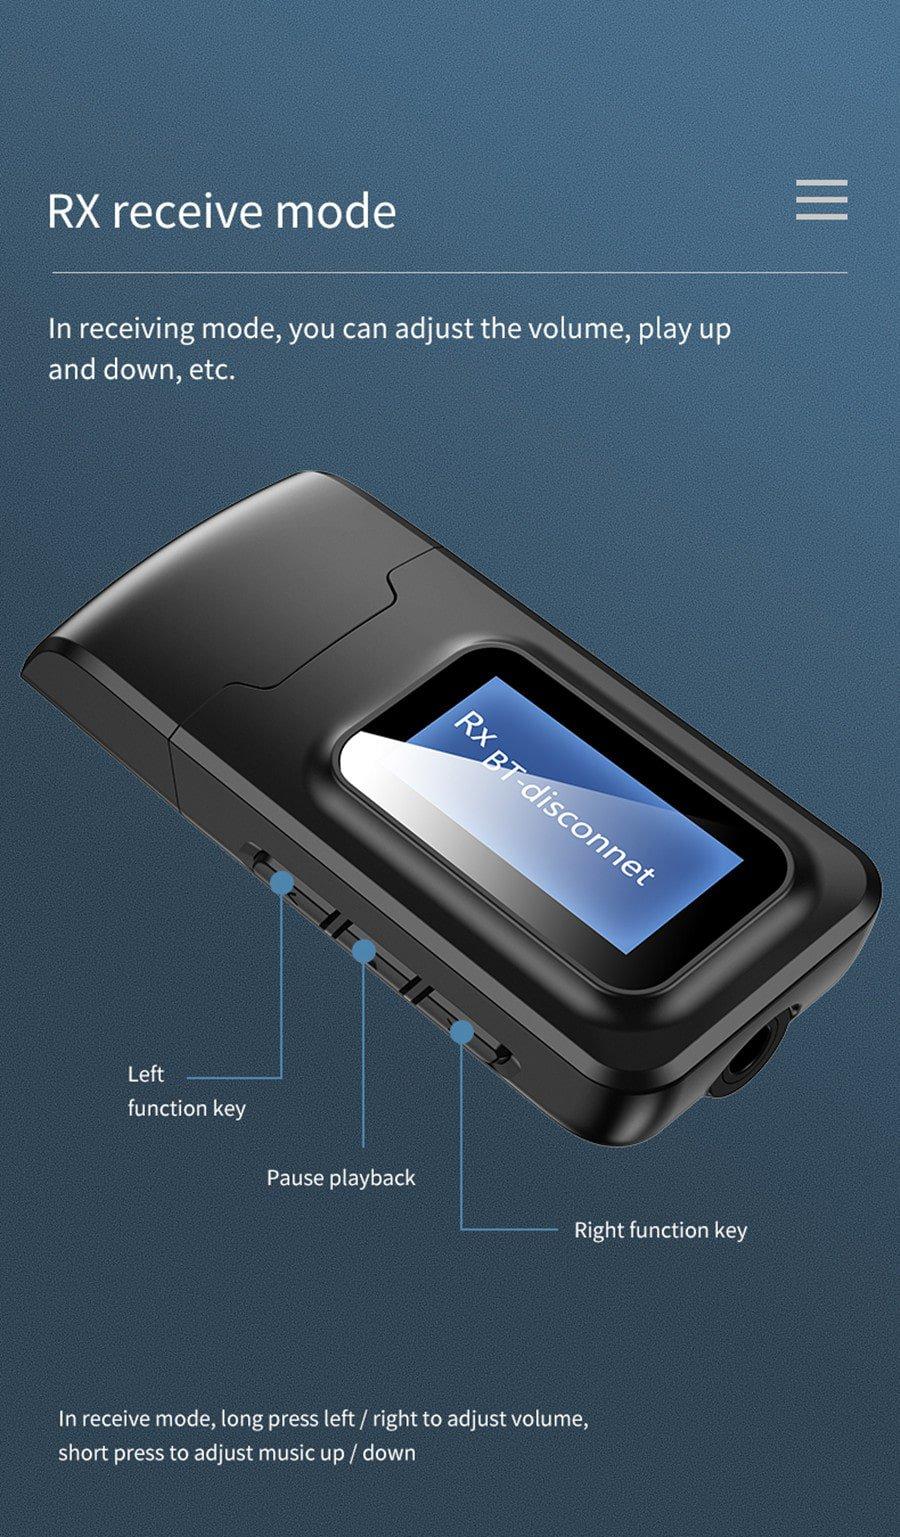 Bluetooth 5.0 Audio Receiver mode